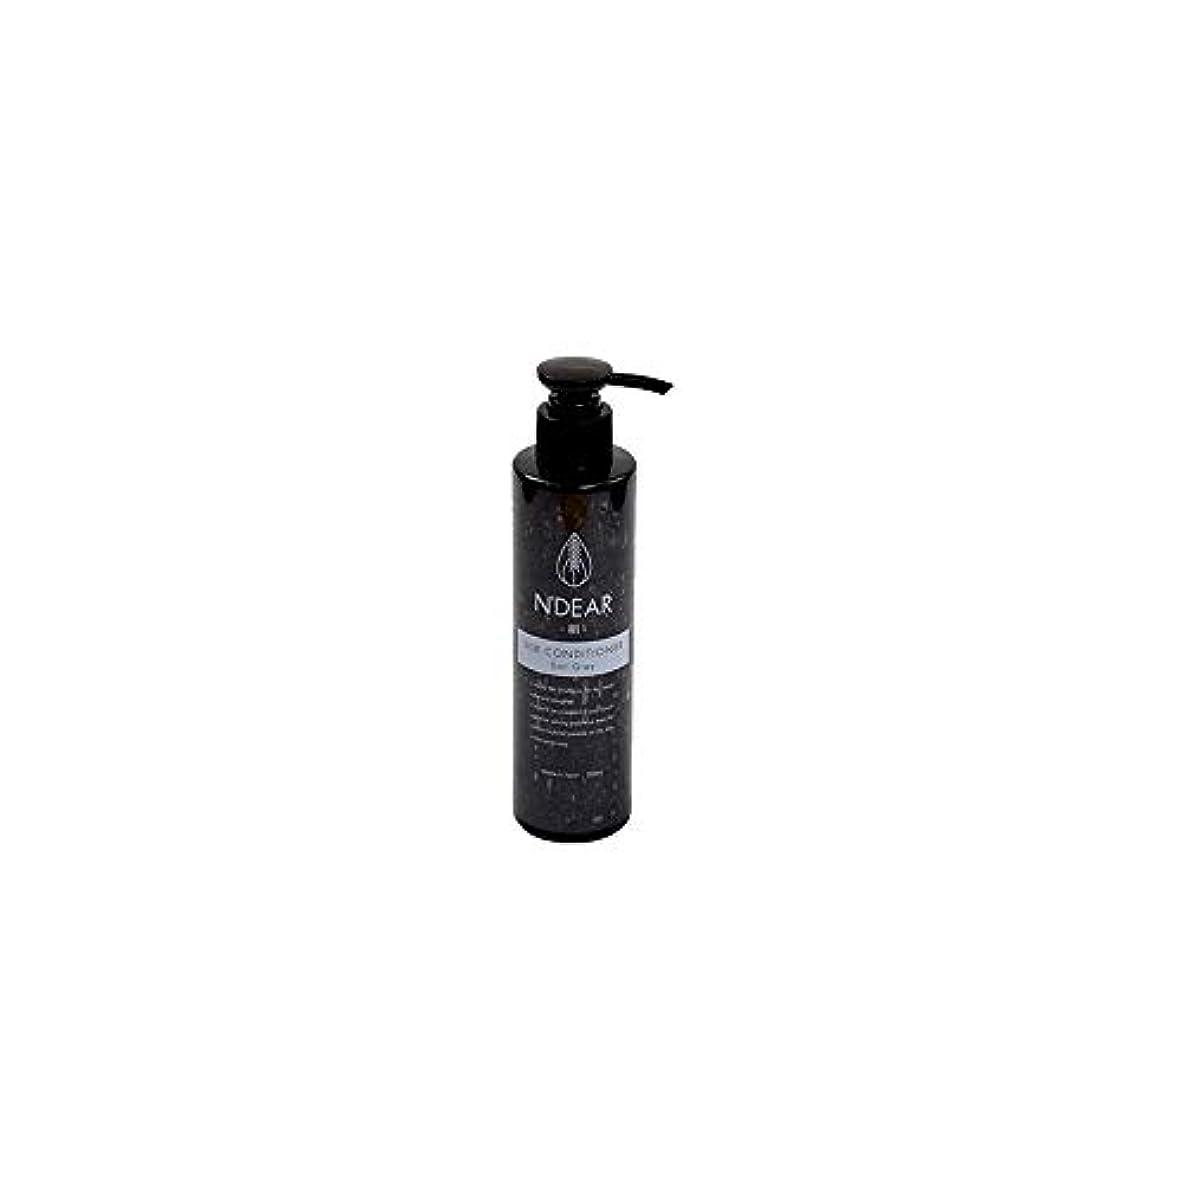 銅飼いならすドアミラーN'DEAR 絹 コンディショナー 無添加 ノンシリコン アミノ酸系洗浄/ヒアルロン酸 セラミド シルク シアバター 配合